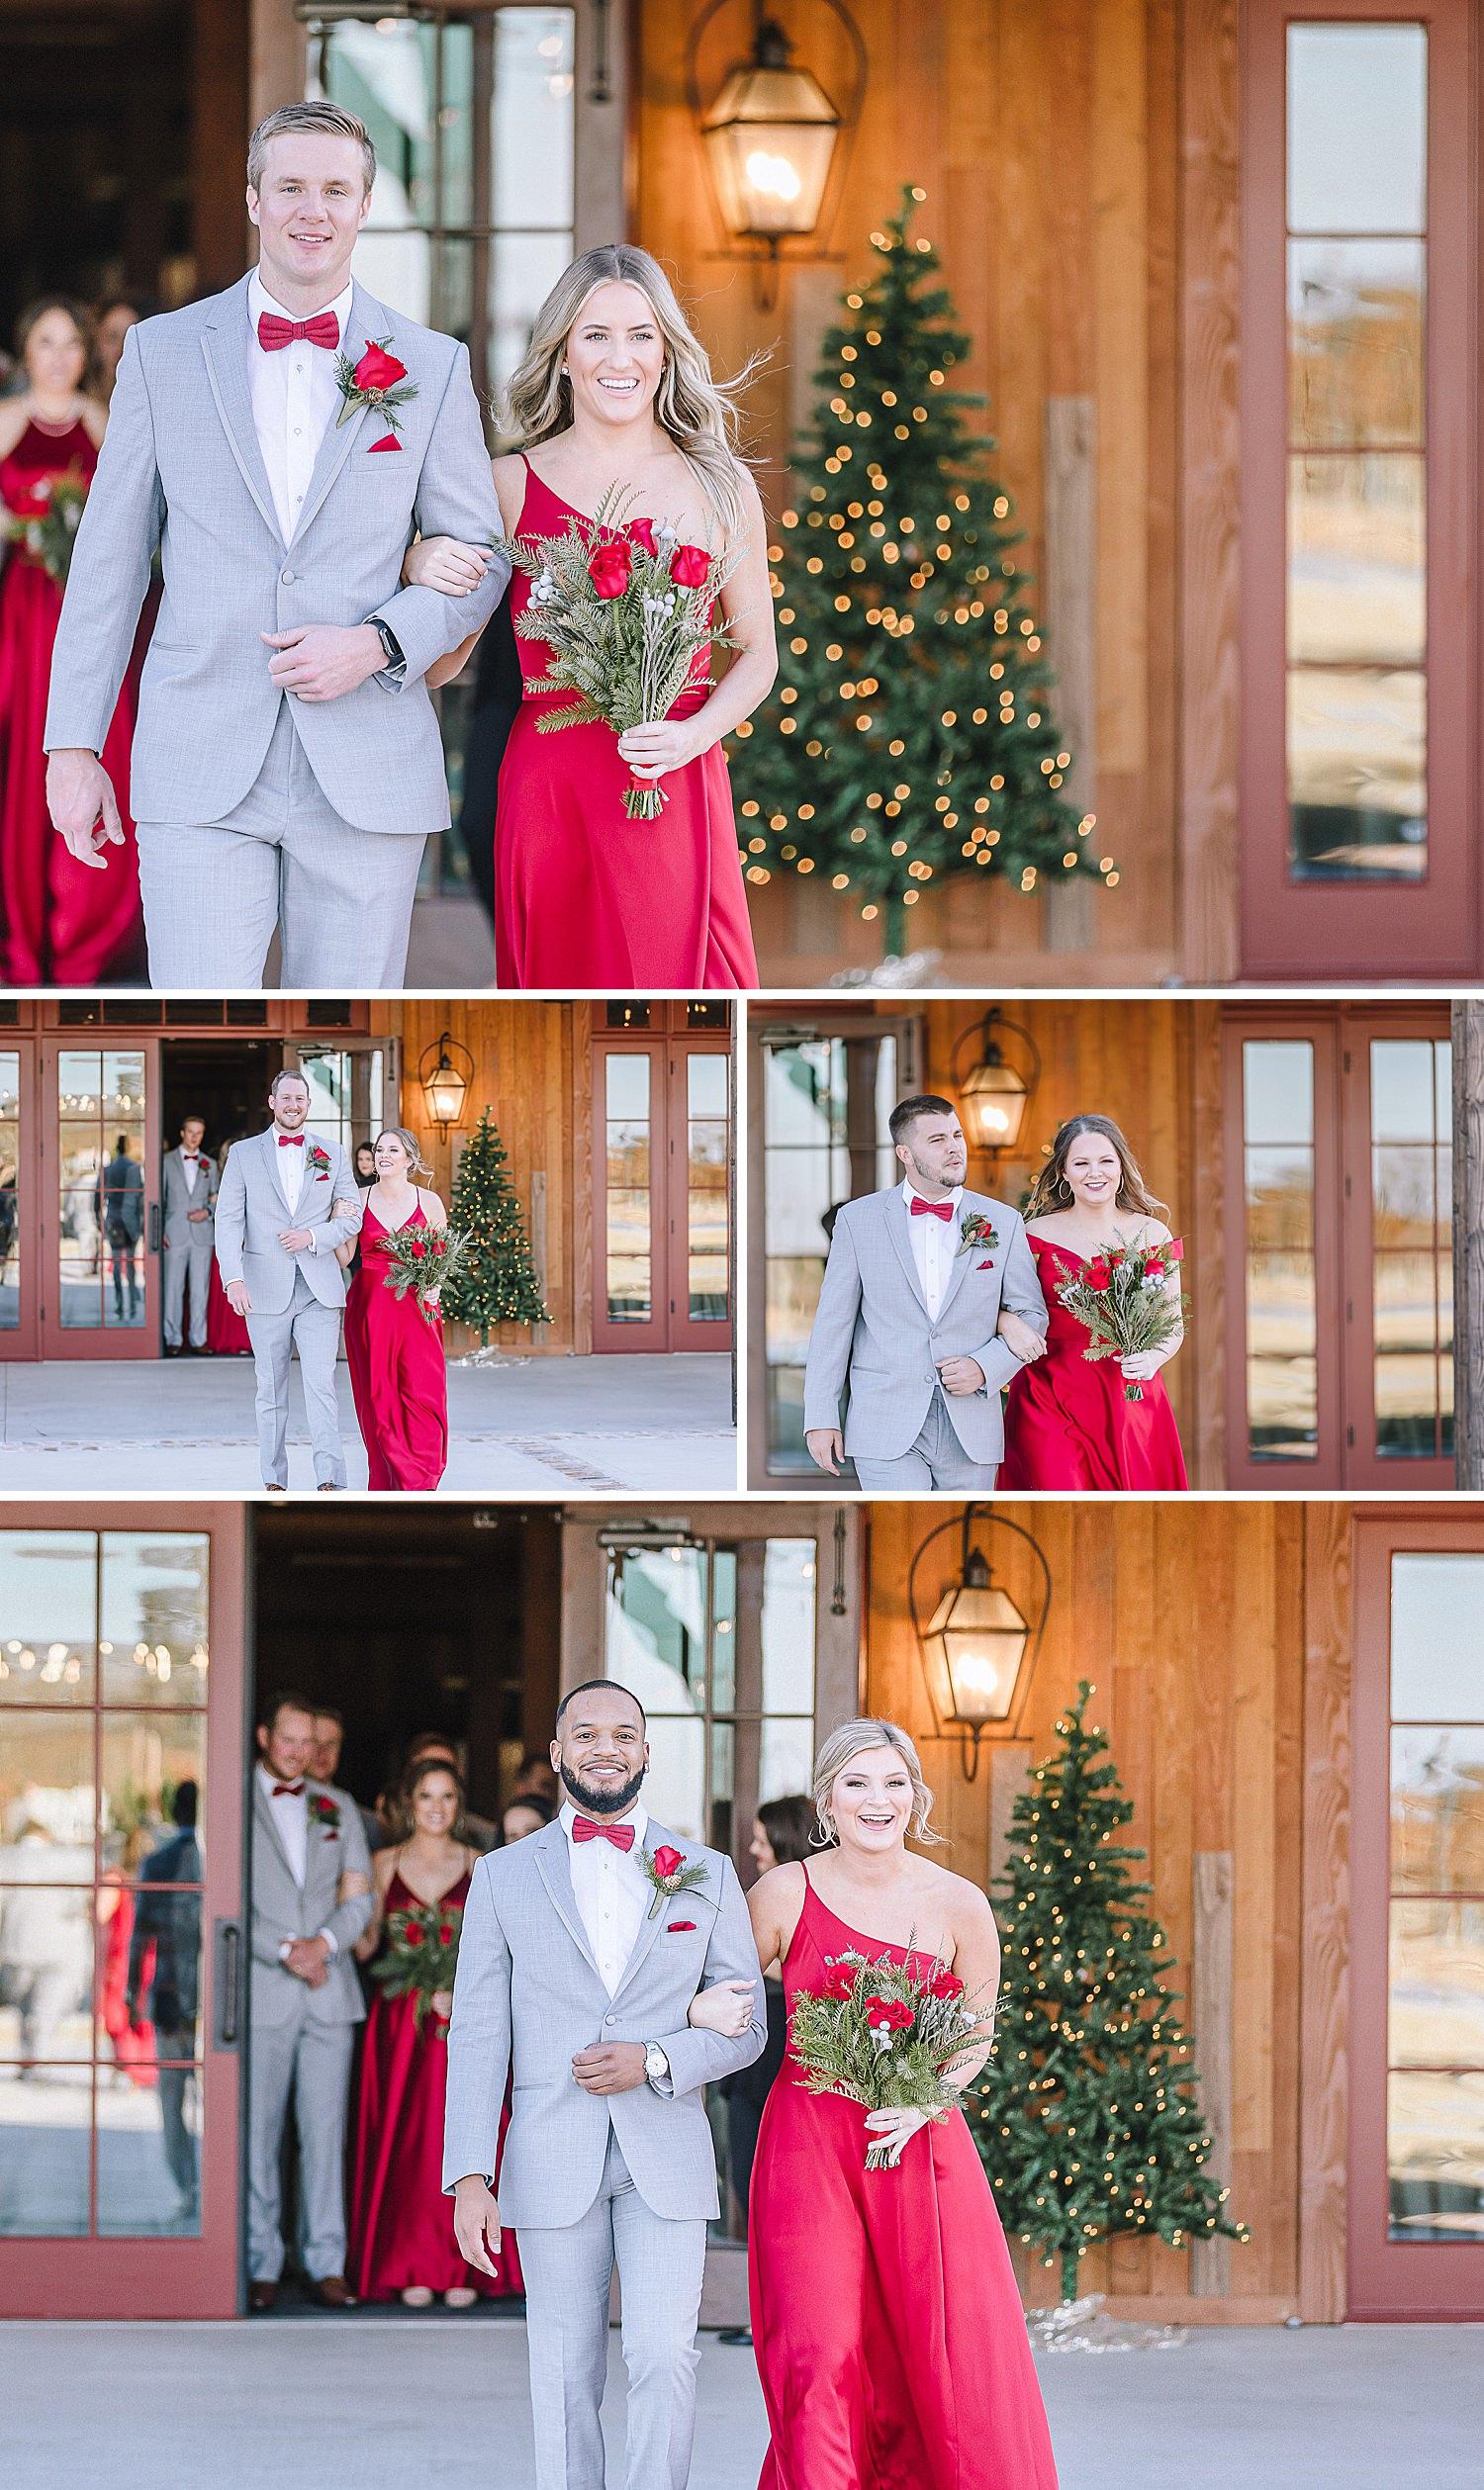 College-Station-Aggie-Wedding-The-Weinberg-at-Wixon-Valley-Christmas-Hallmark-Wedding_0047.jpg